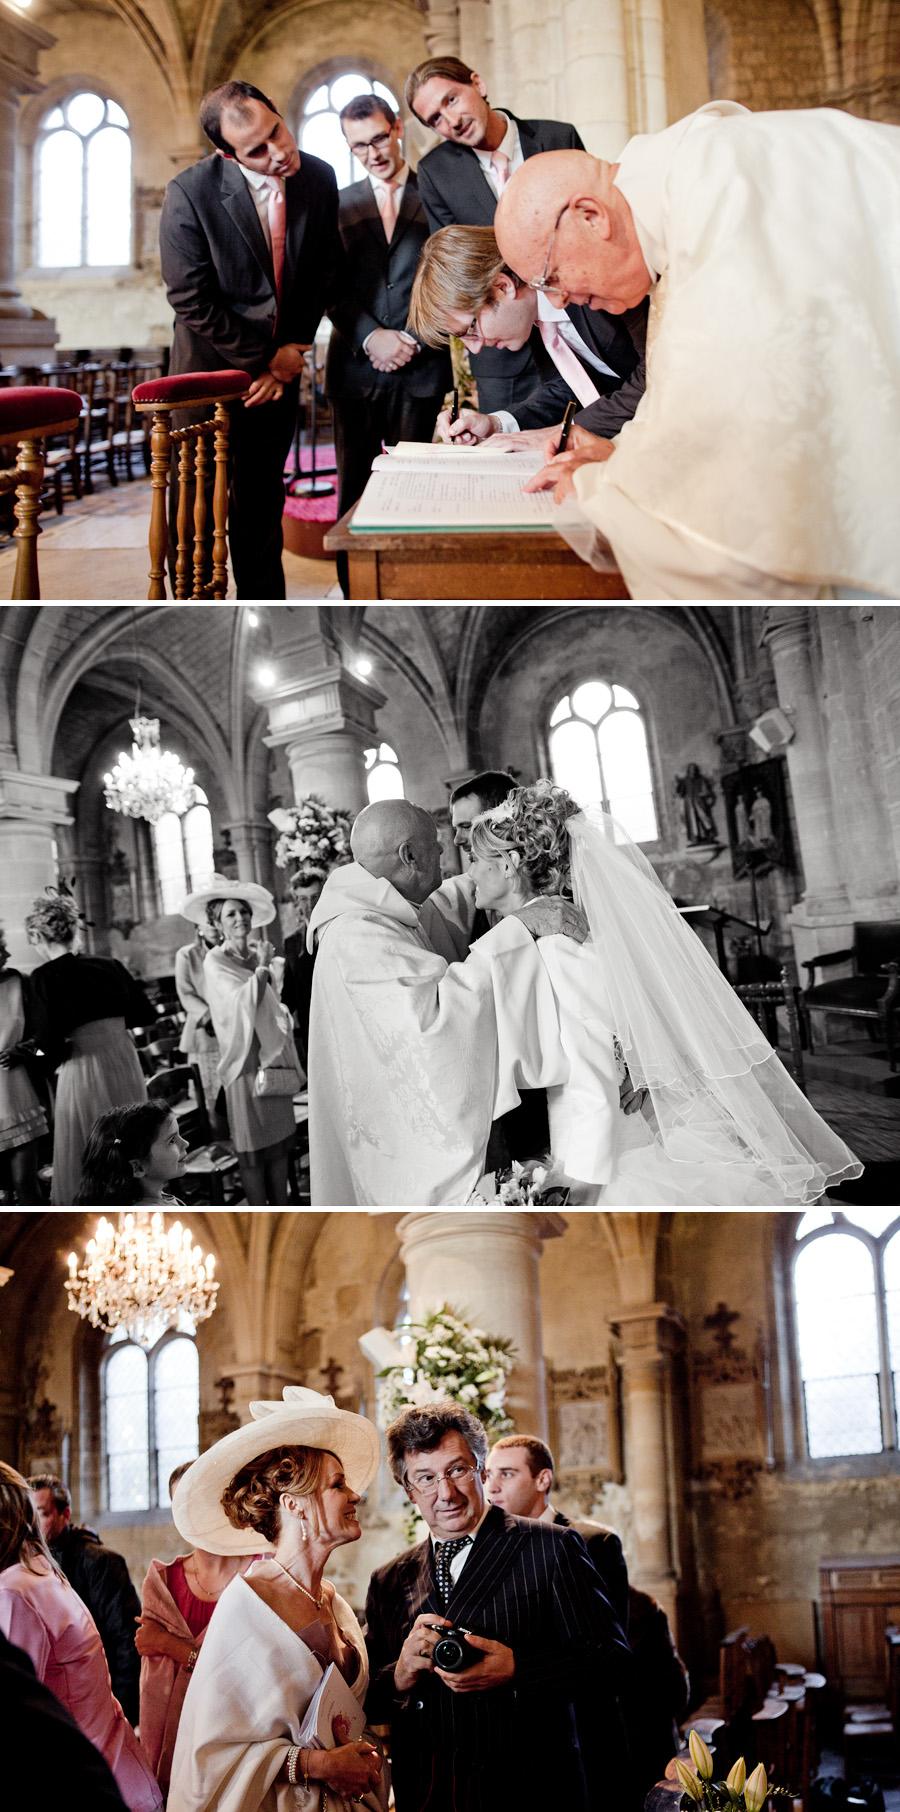 photographe mariage royaumont 44